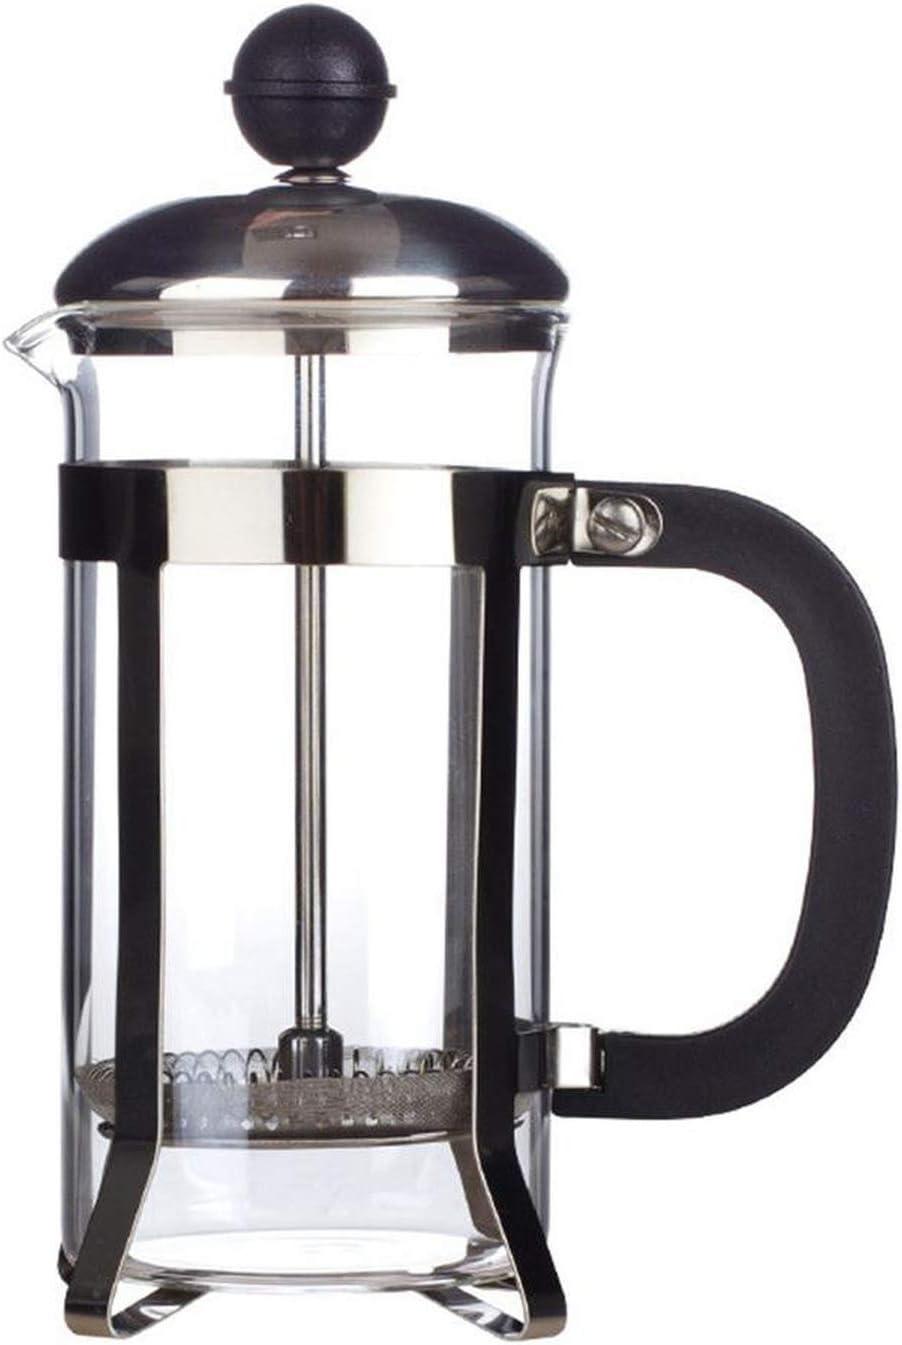 Cafetera de prensa francesa, 12 onzas, 0,35 litros (3 tazas), color negro: Amazon.es: Hogar